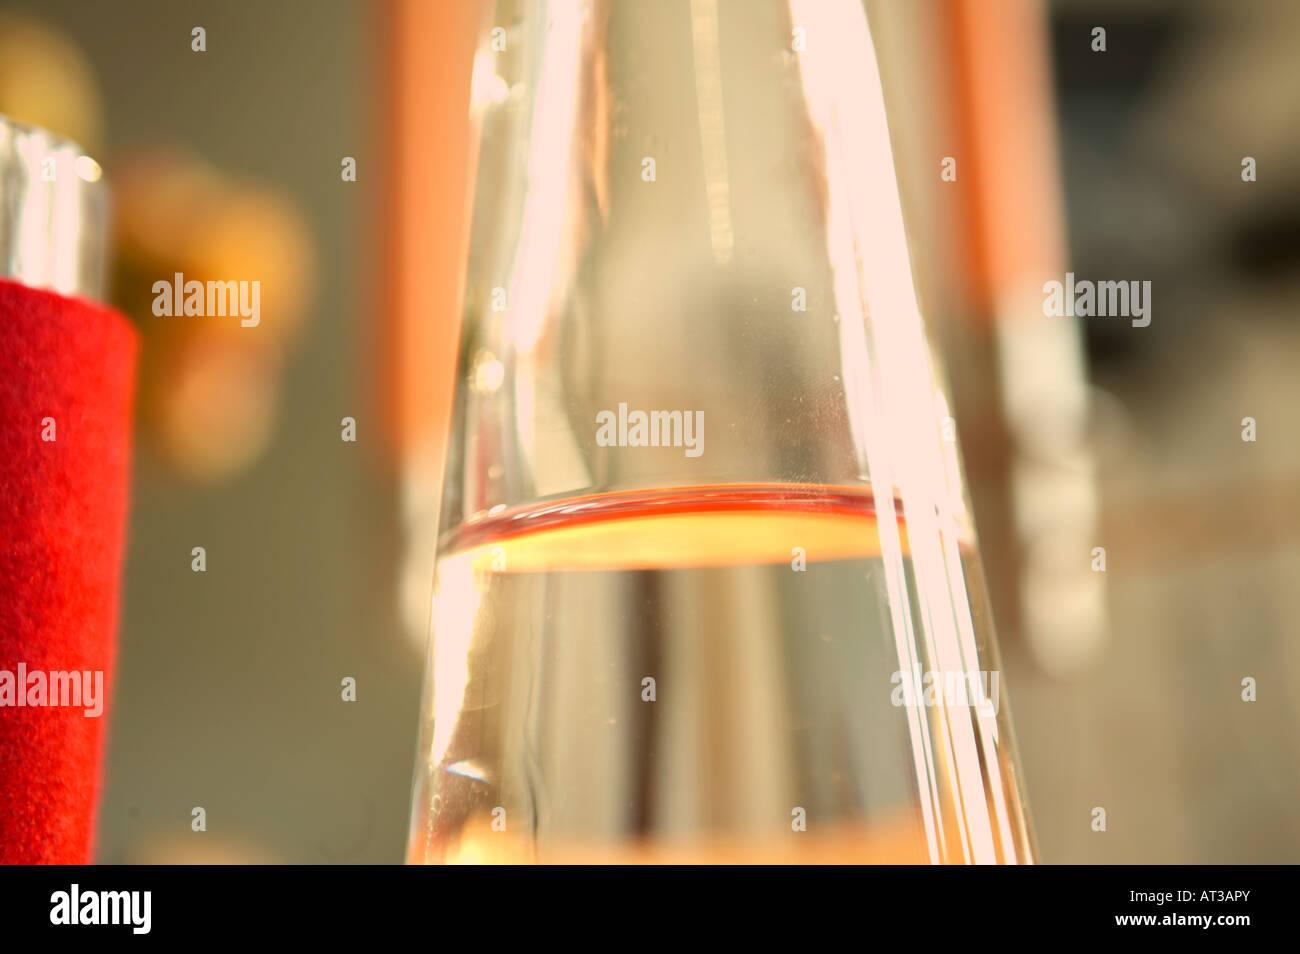 Una garrafa de agua Imagen De Stock